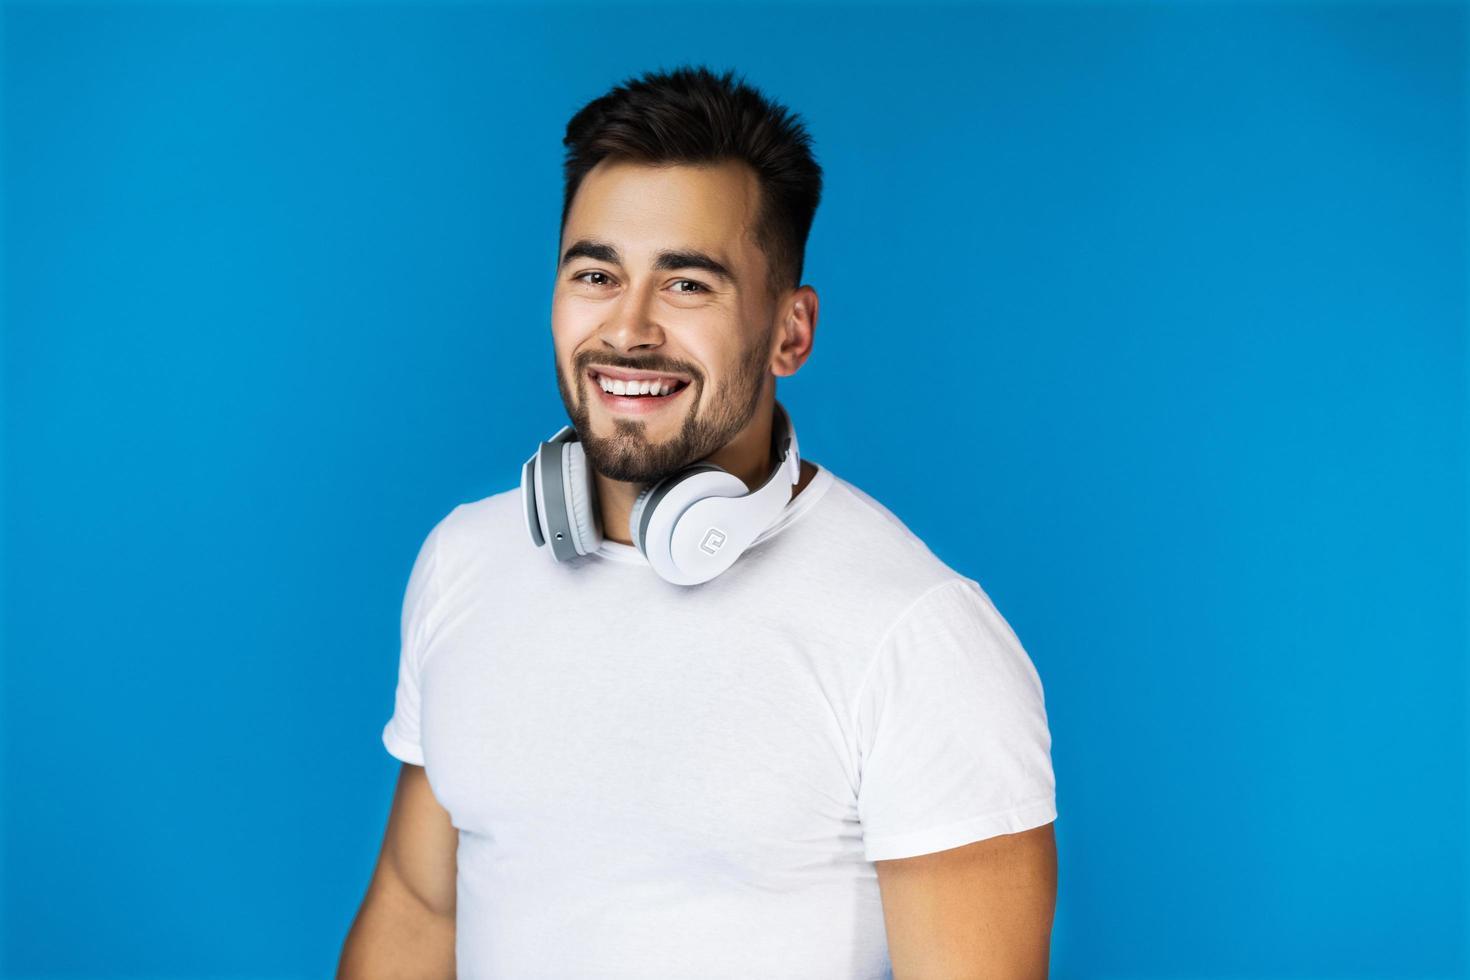 homme portant des écouteurs photo